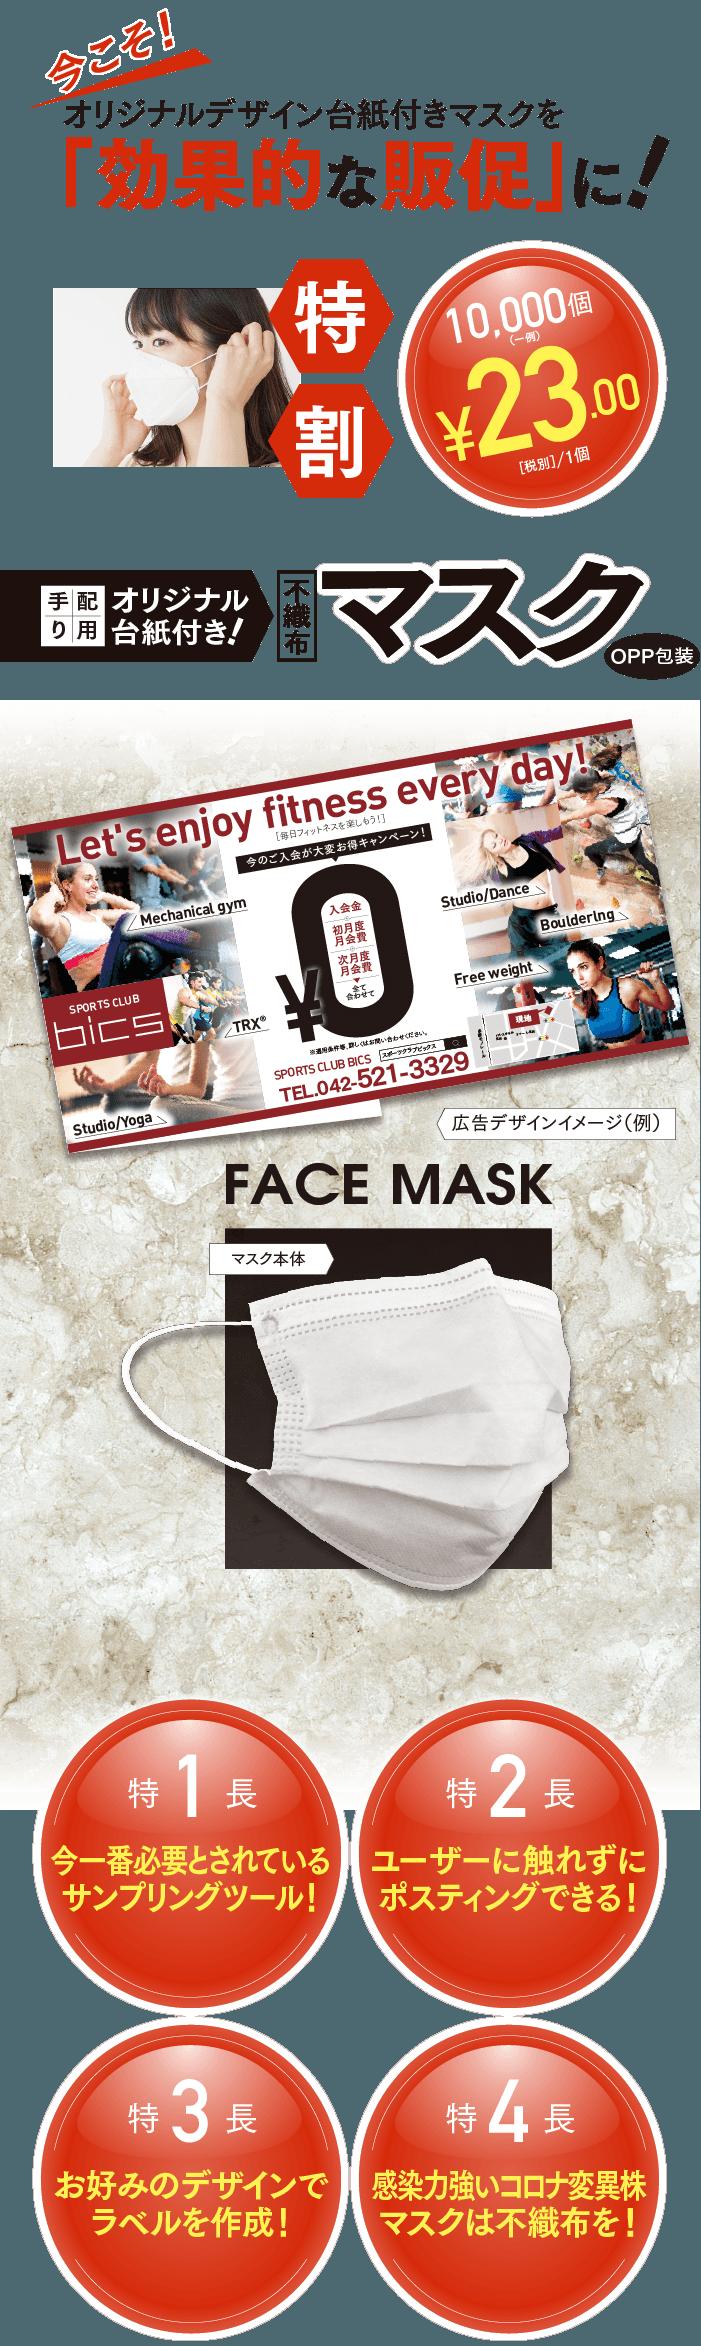 今こそ!オリジナルデザイン台紙付きマスクを「効果的な販促」に!